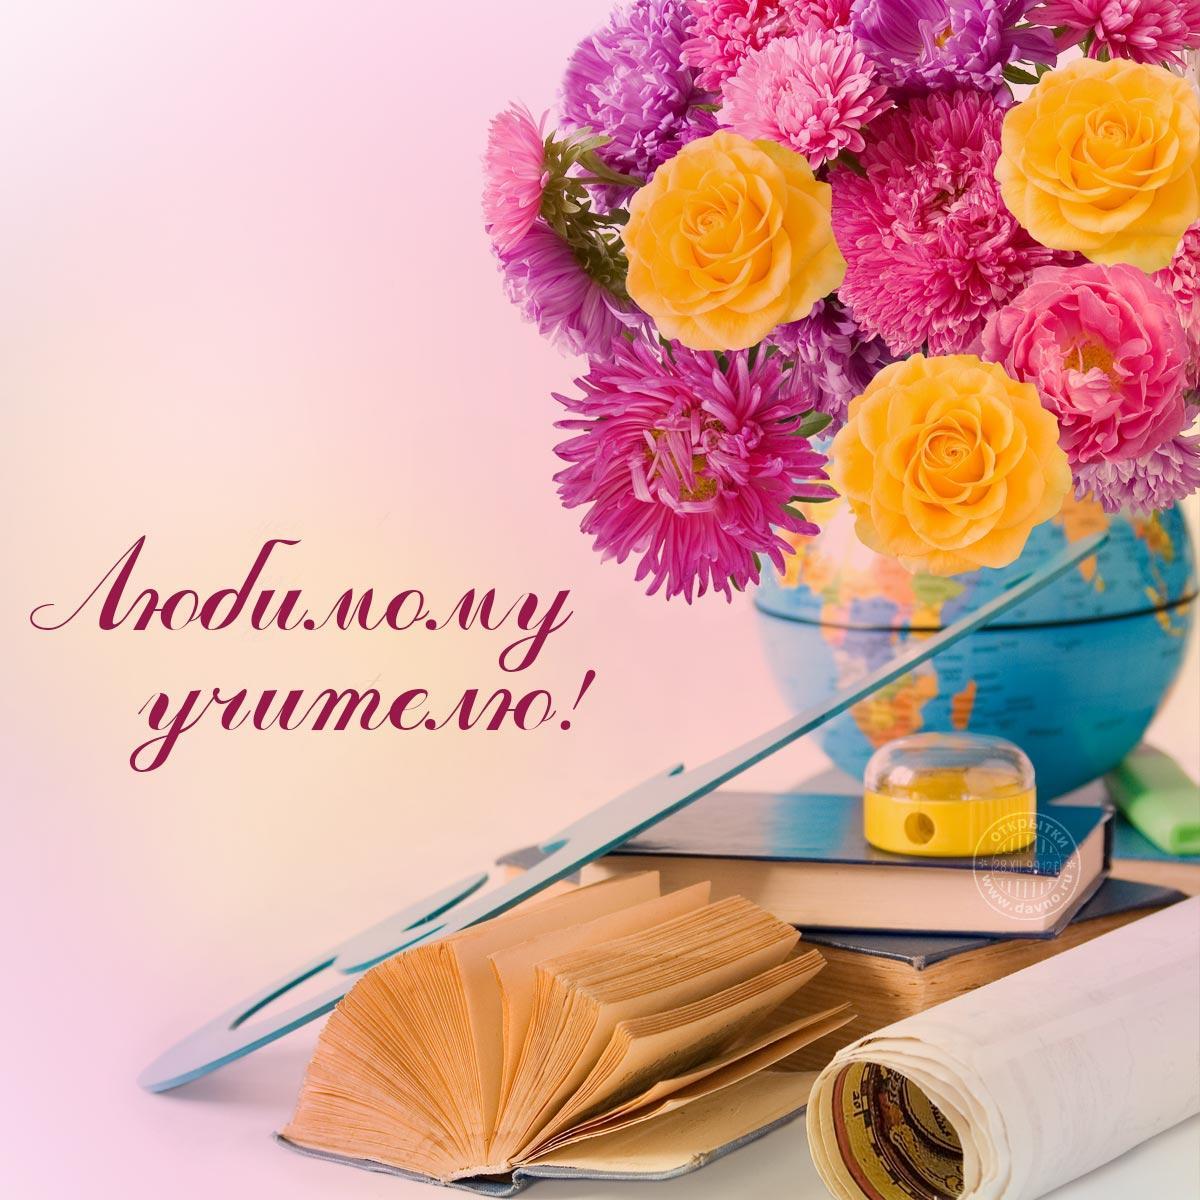 Фото Красивые открытки ко Дню учителя 5 октября – оригинальные поздравления для ватсап и вайбер 10